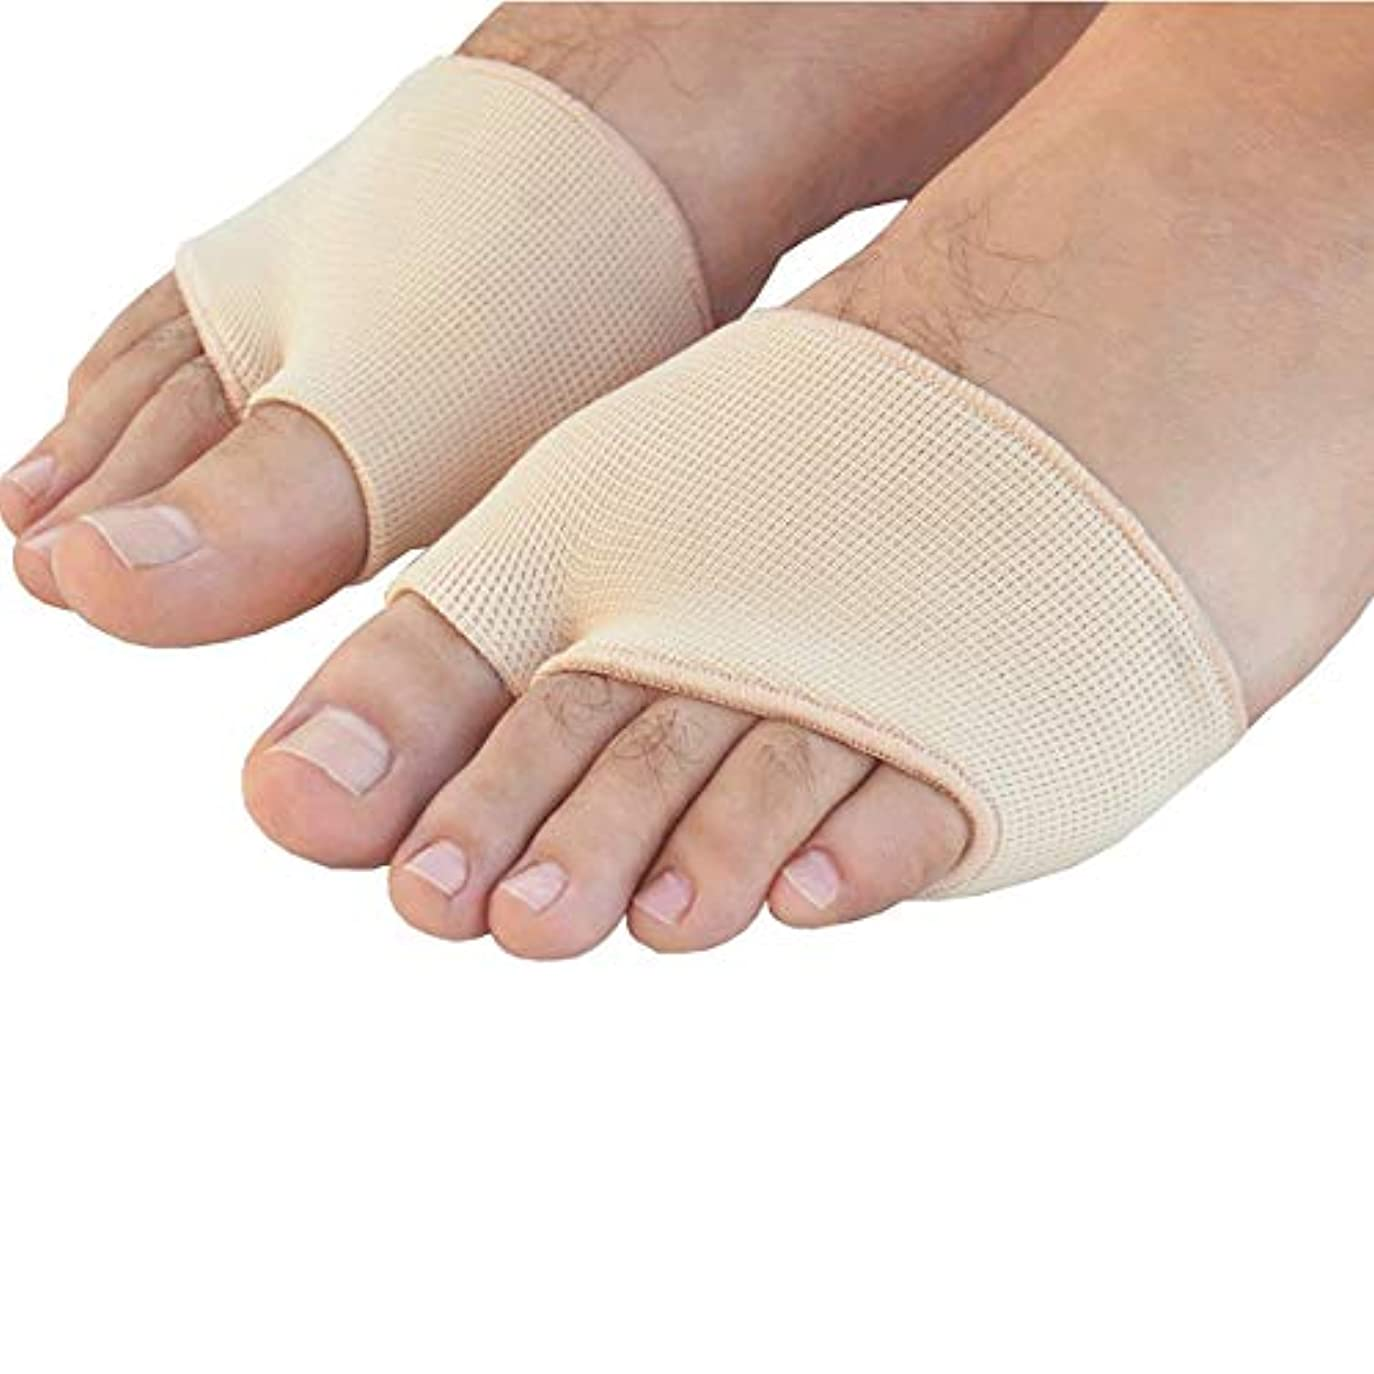 前奏曲鋸歯状からに変化するROSENICE ゲルの前足中足骨の痛み救済吸収クッション パッド サイズL (肌の色)